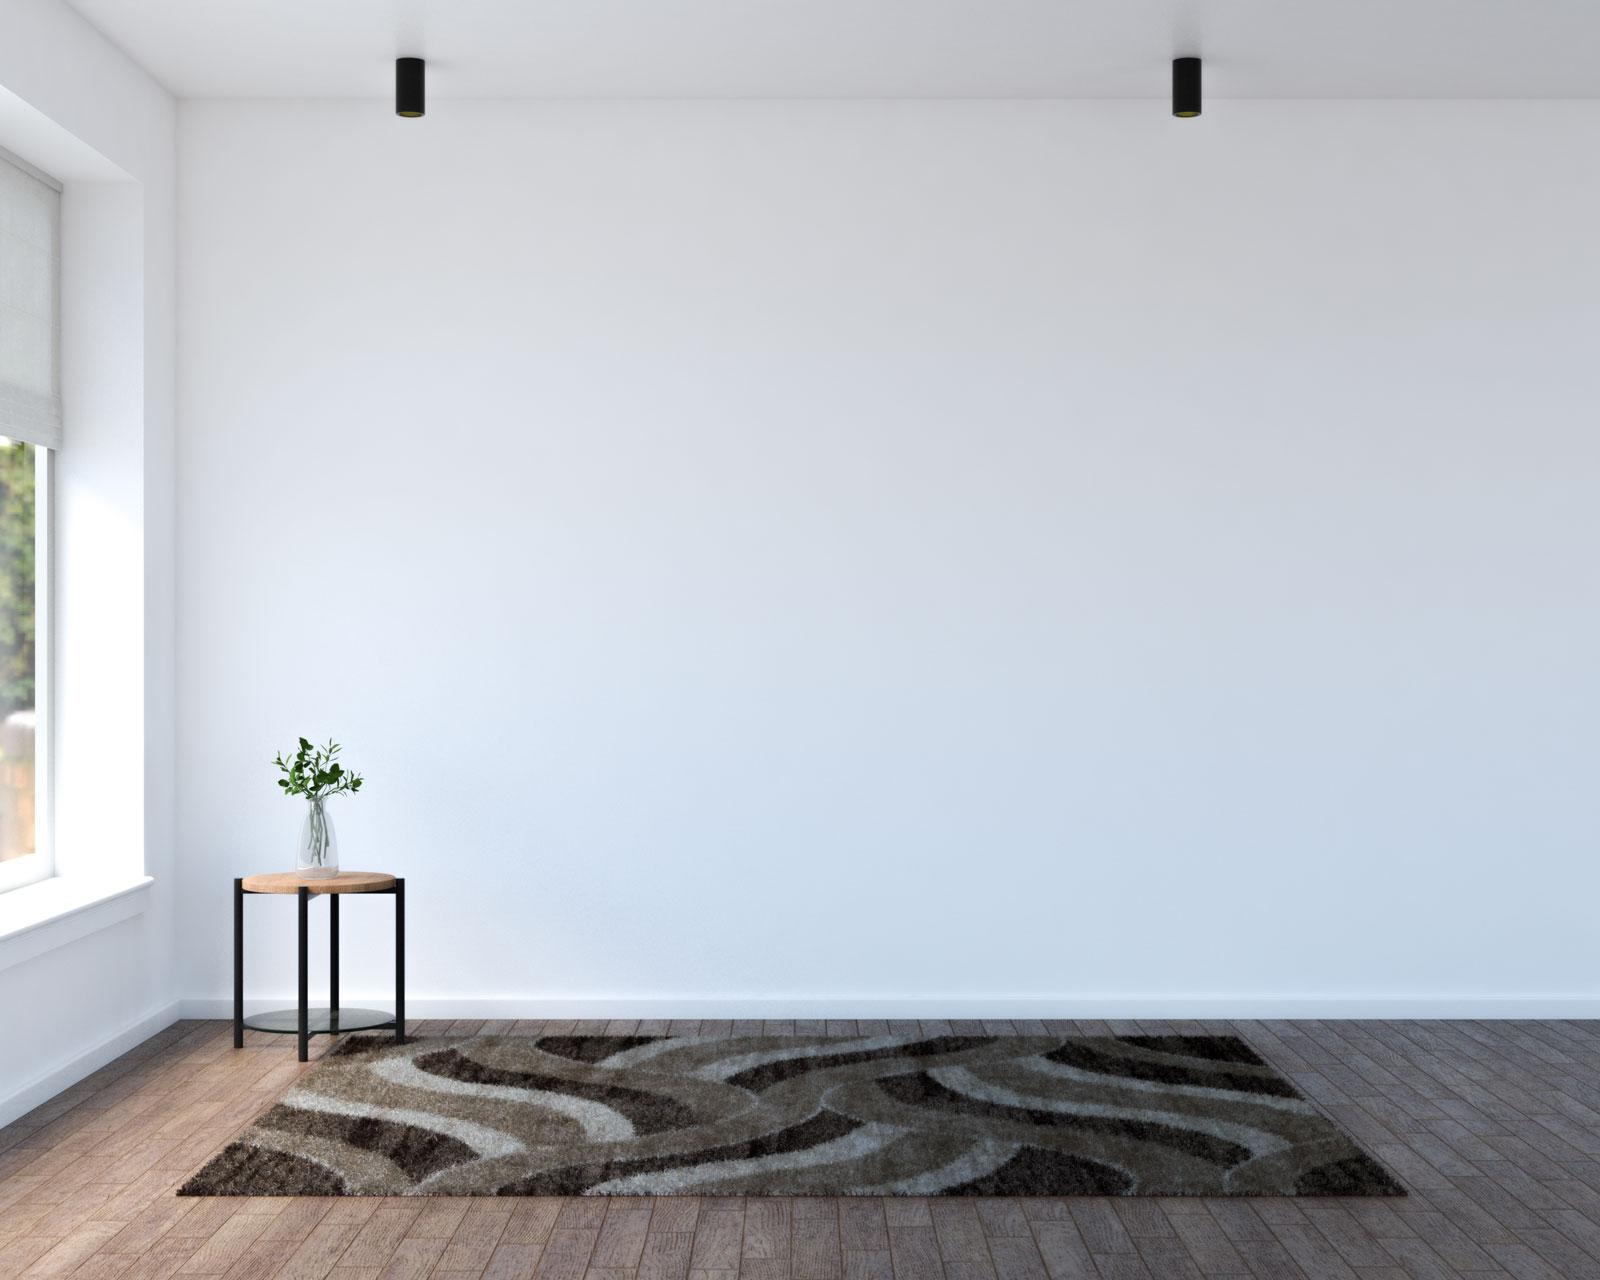 Wavy brown and beige rug with dark brown wood floors